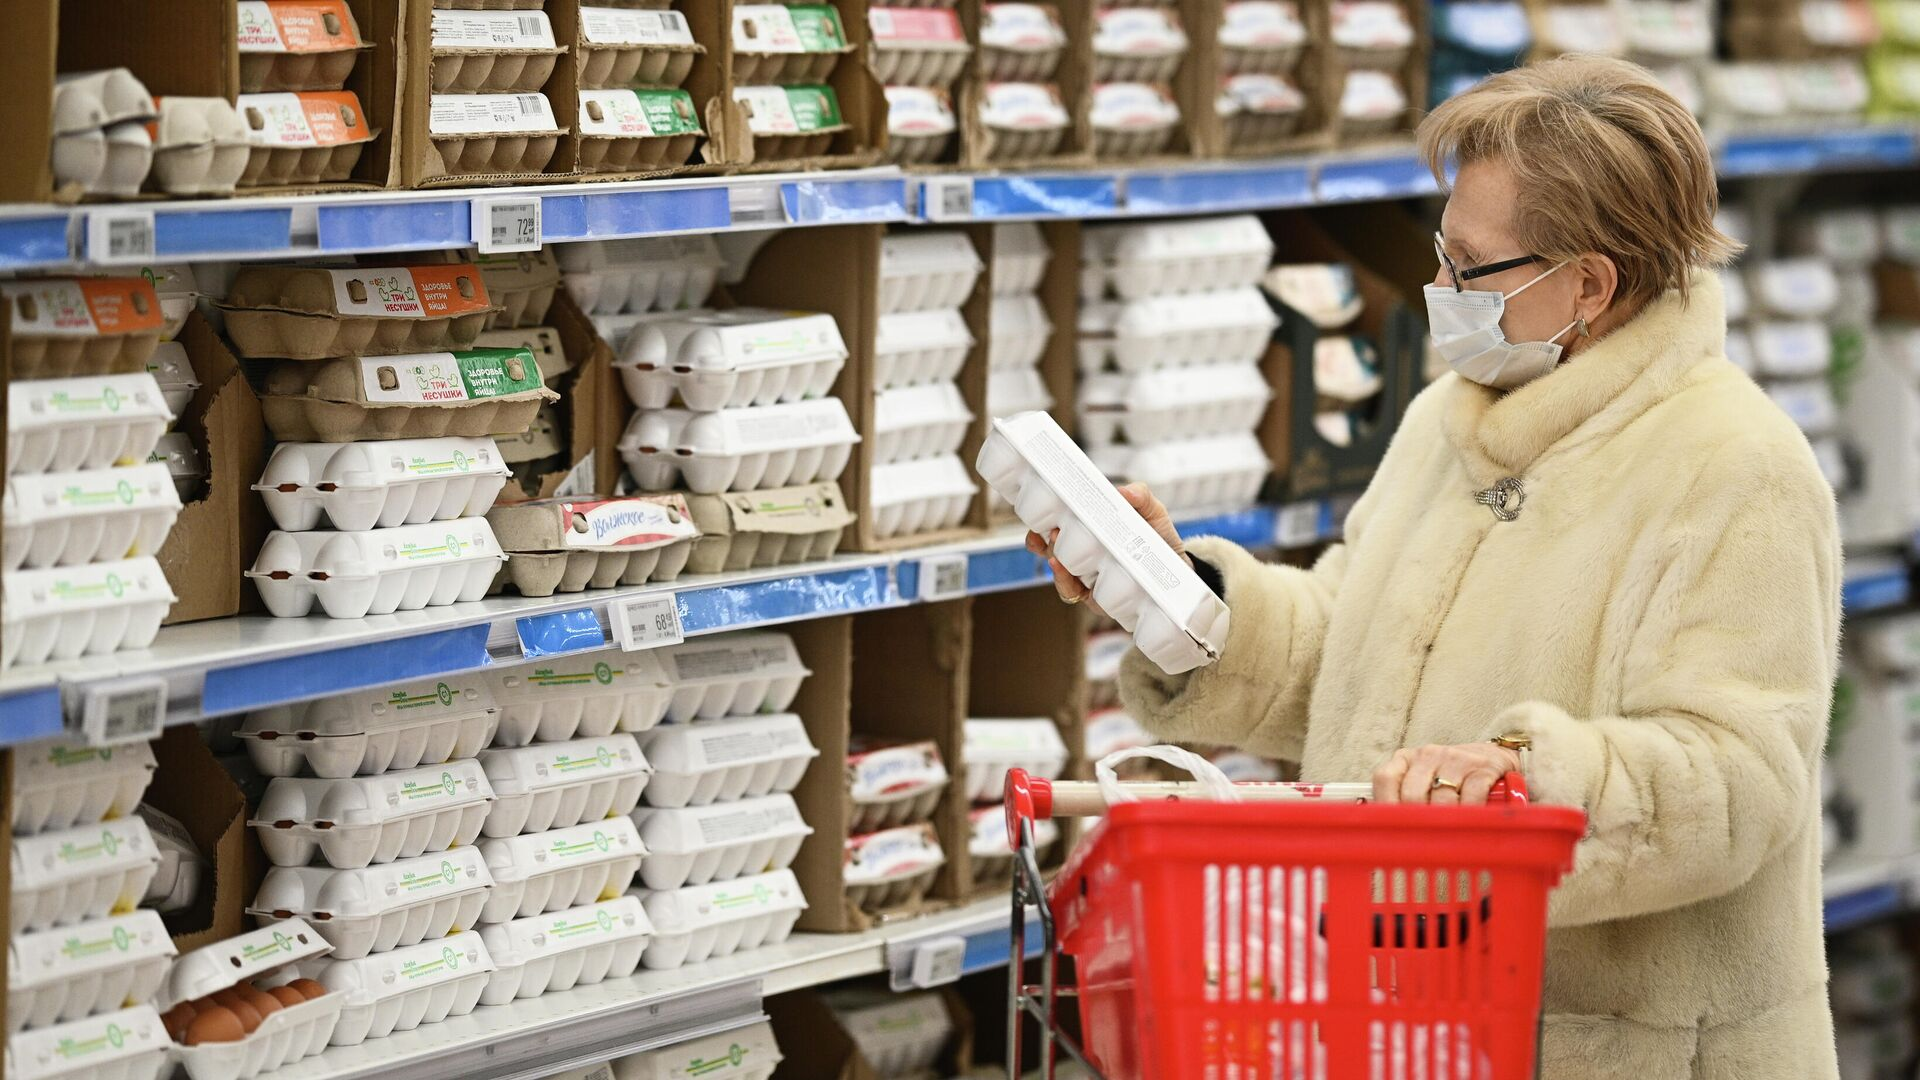 Отдел с куриными яйцами в гипермаркете - РИА Новости, 1920, 04.03.2021